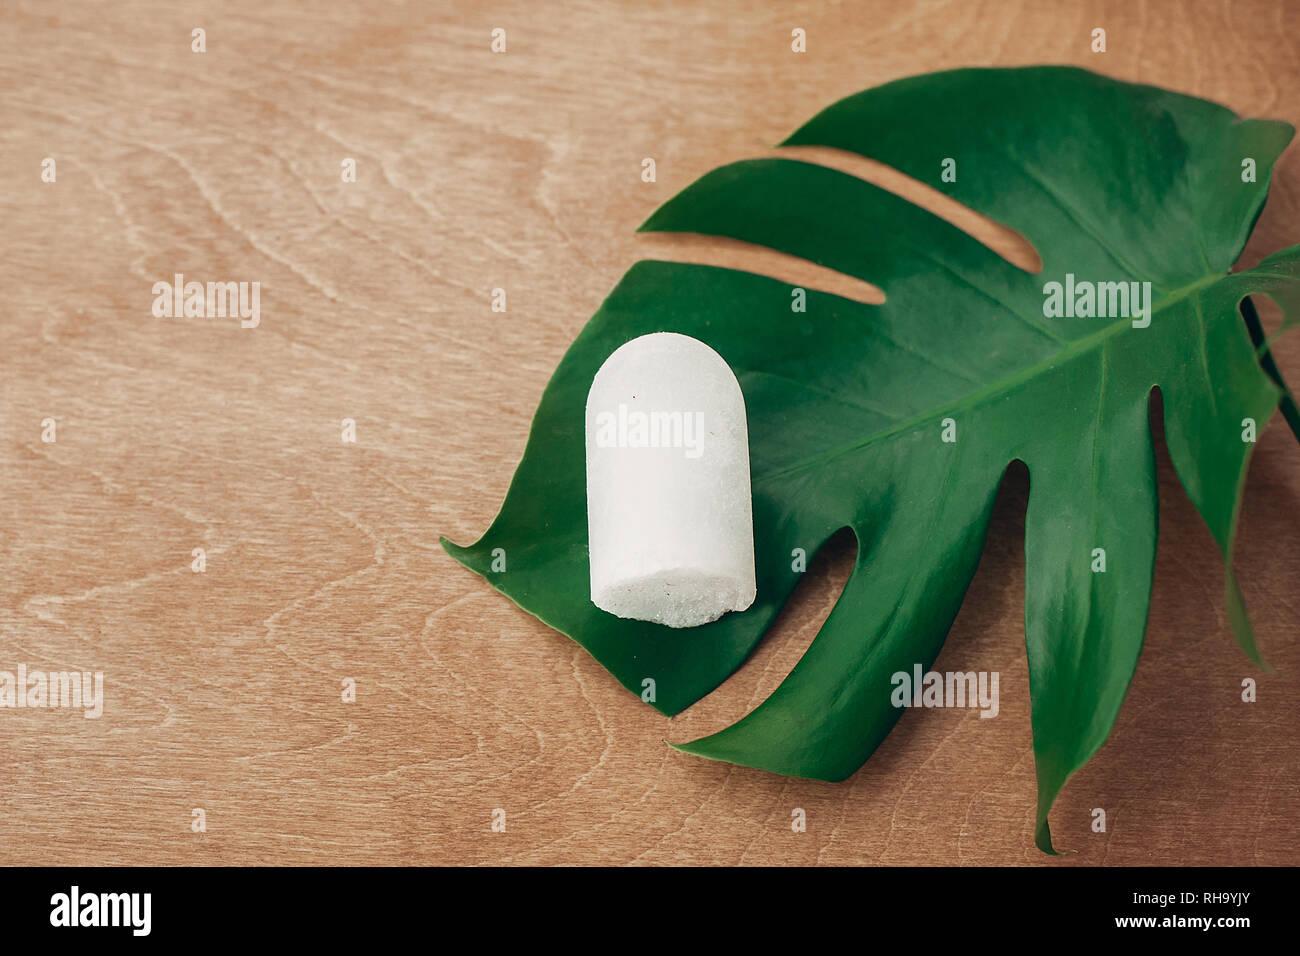 Nachhaltiger Lebensstil. Natürliche eco crystal Deodorant anulit auf hölzernen Hintergrund mit grünen monstera Blatt. Kunststoff freie Schönheit Essentials. Null Abfall Stockbild